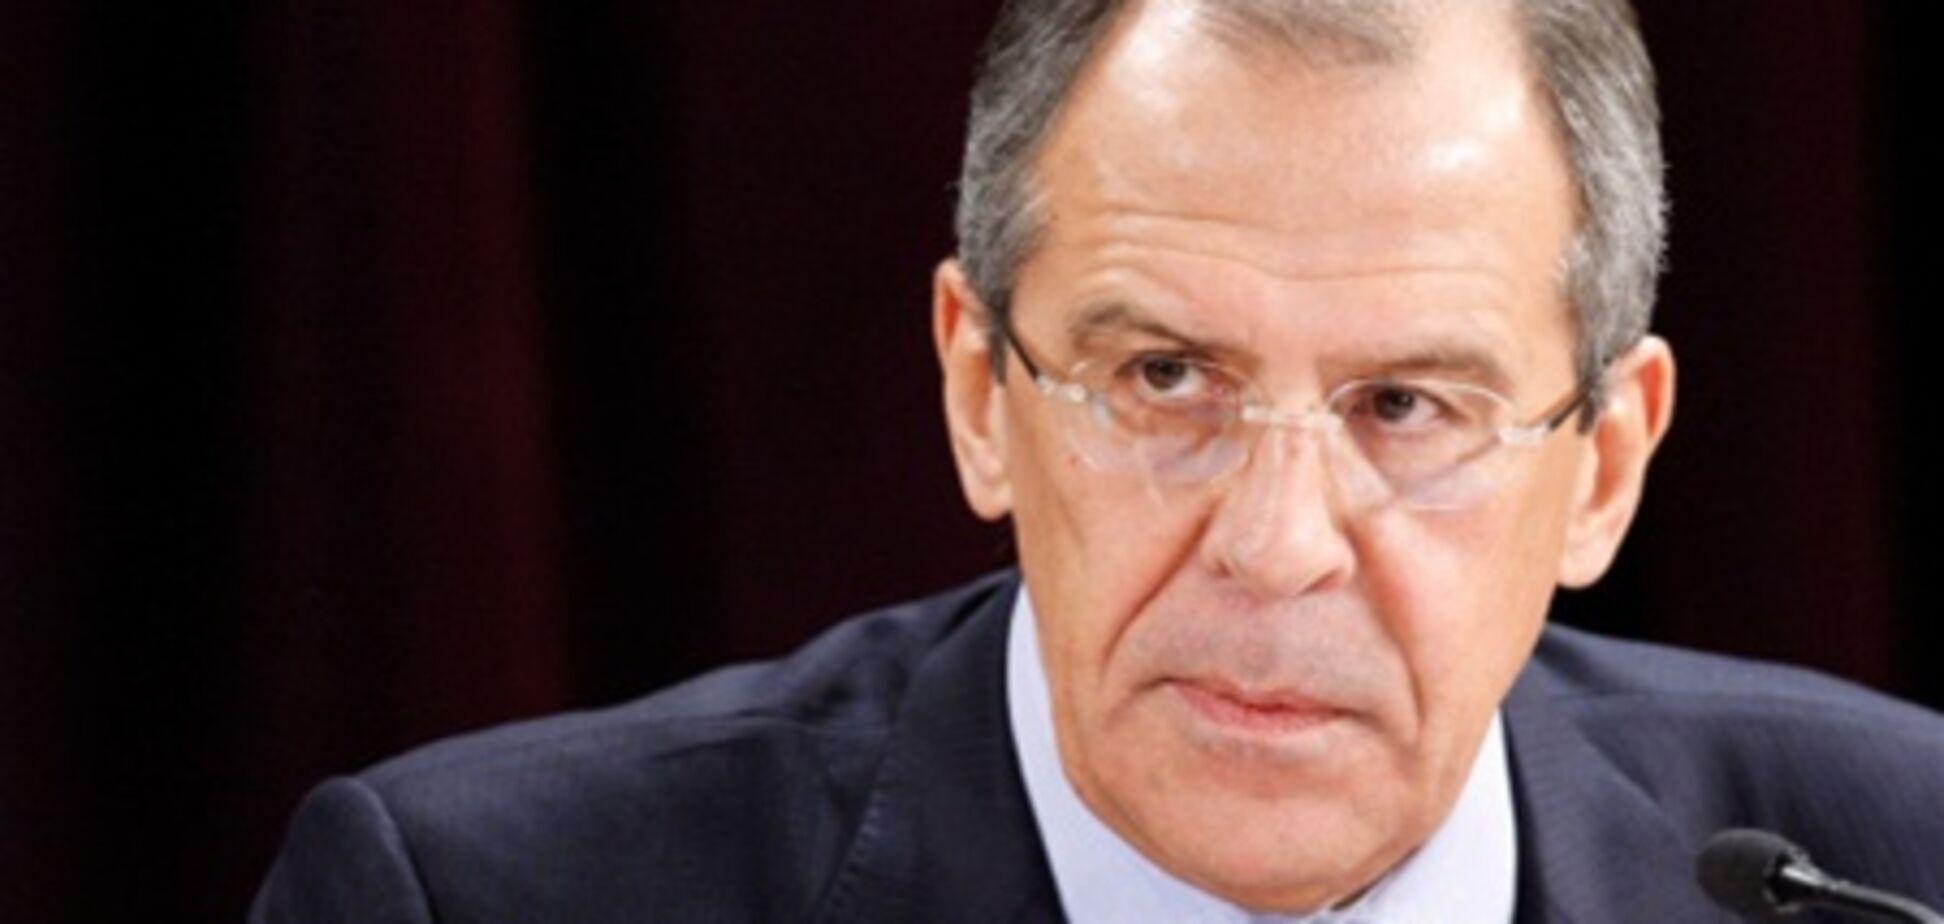 Лавров обсудил с Аннаном аспекты встречи в Женеве по Сирии